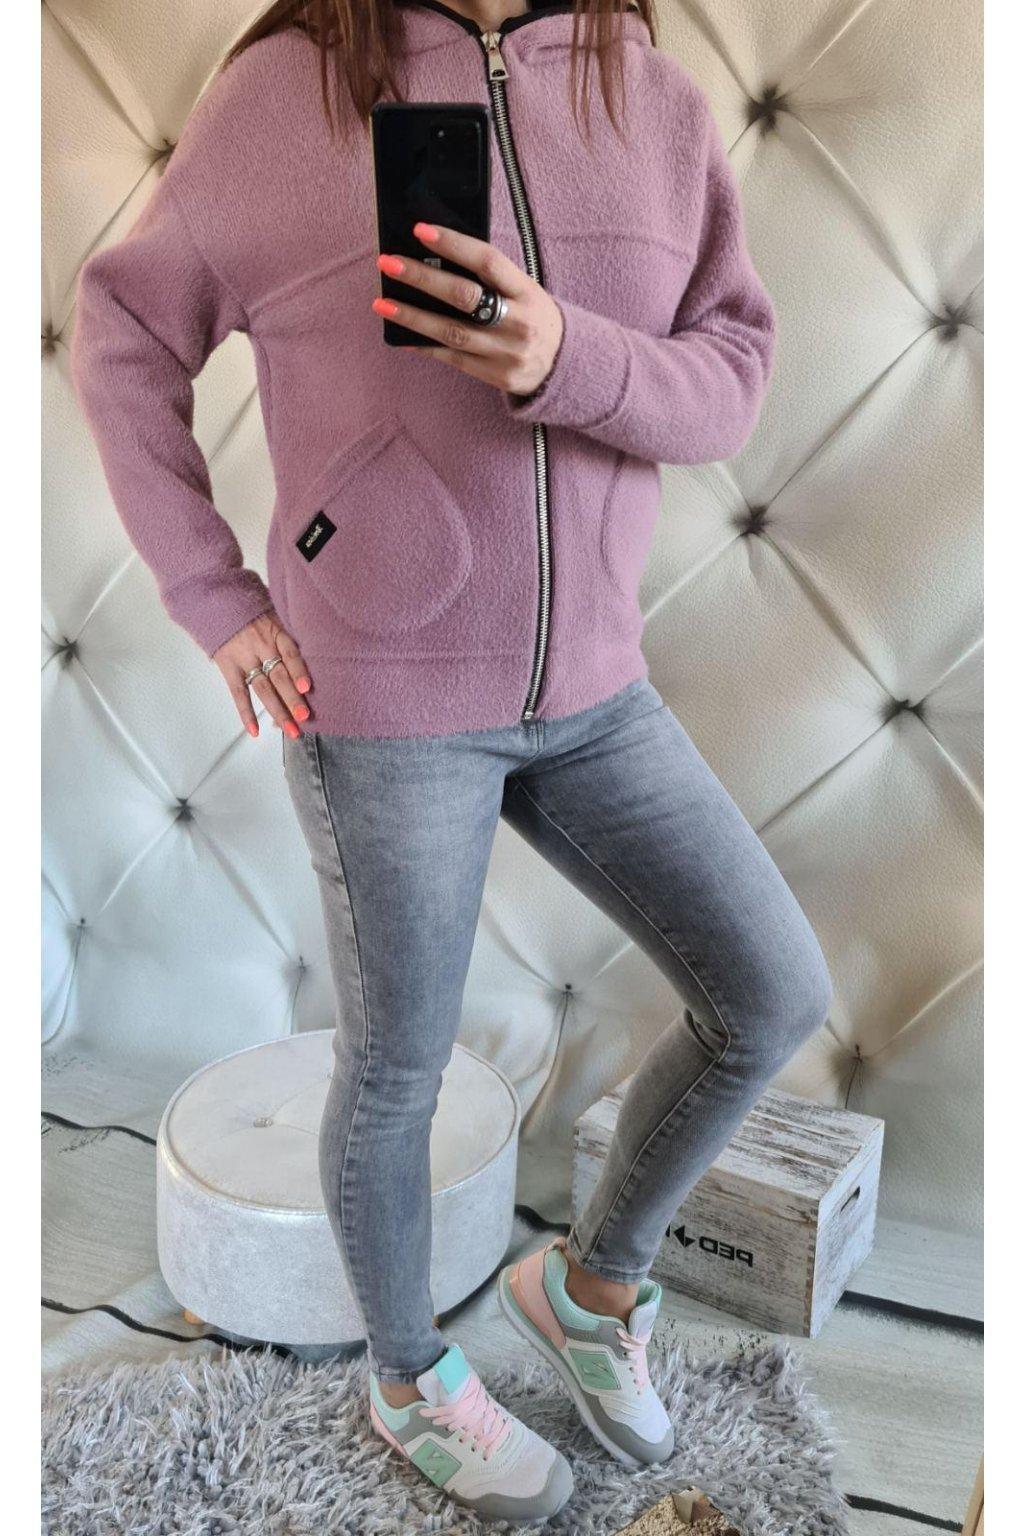 dámská bunda krátká lila barva